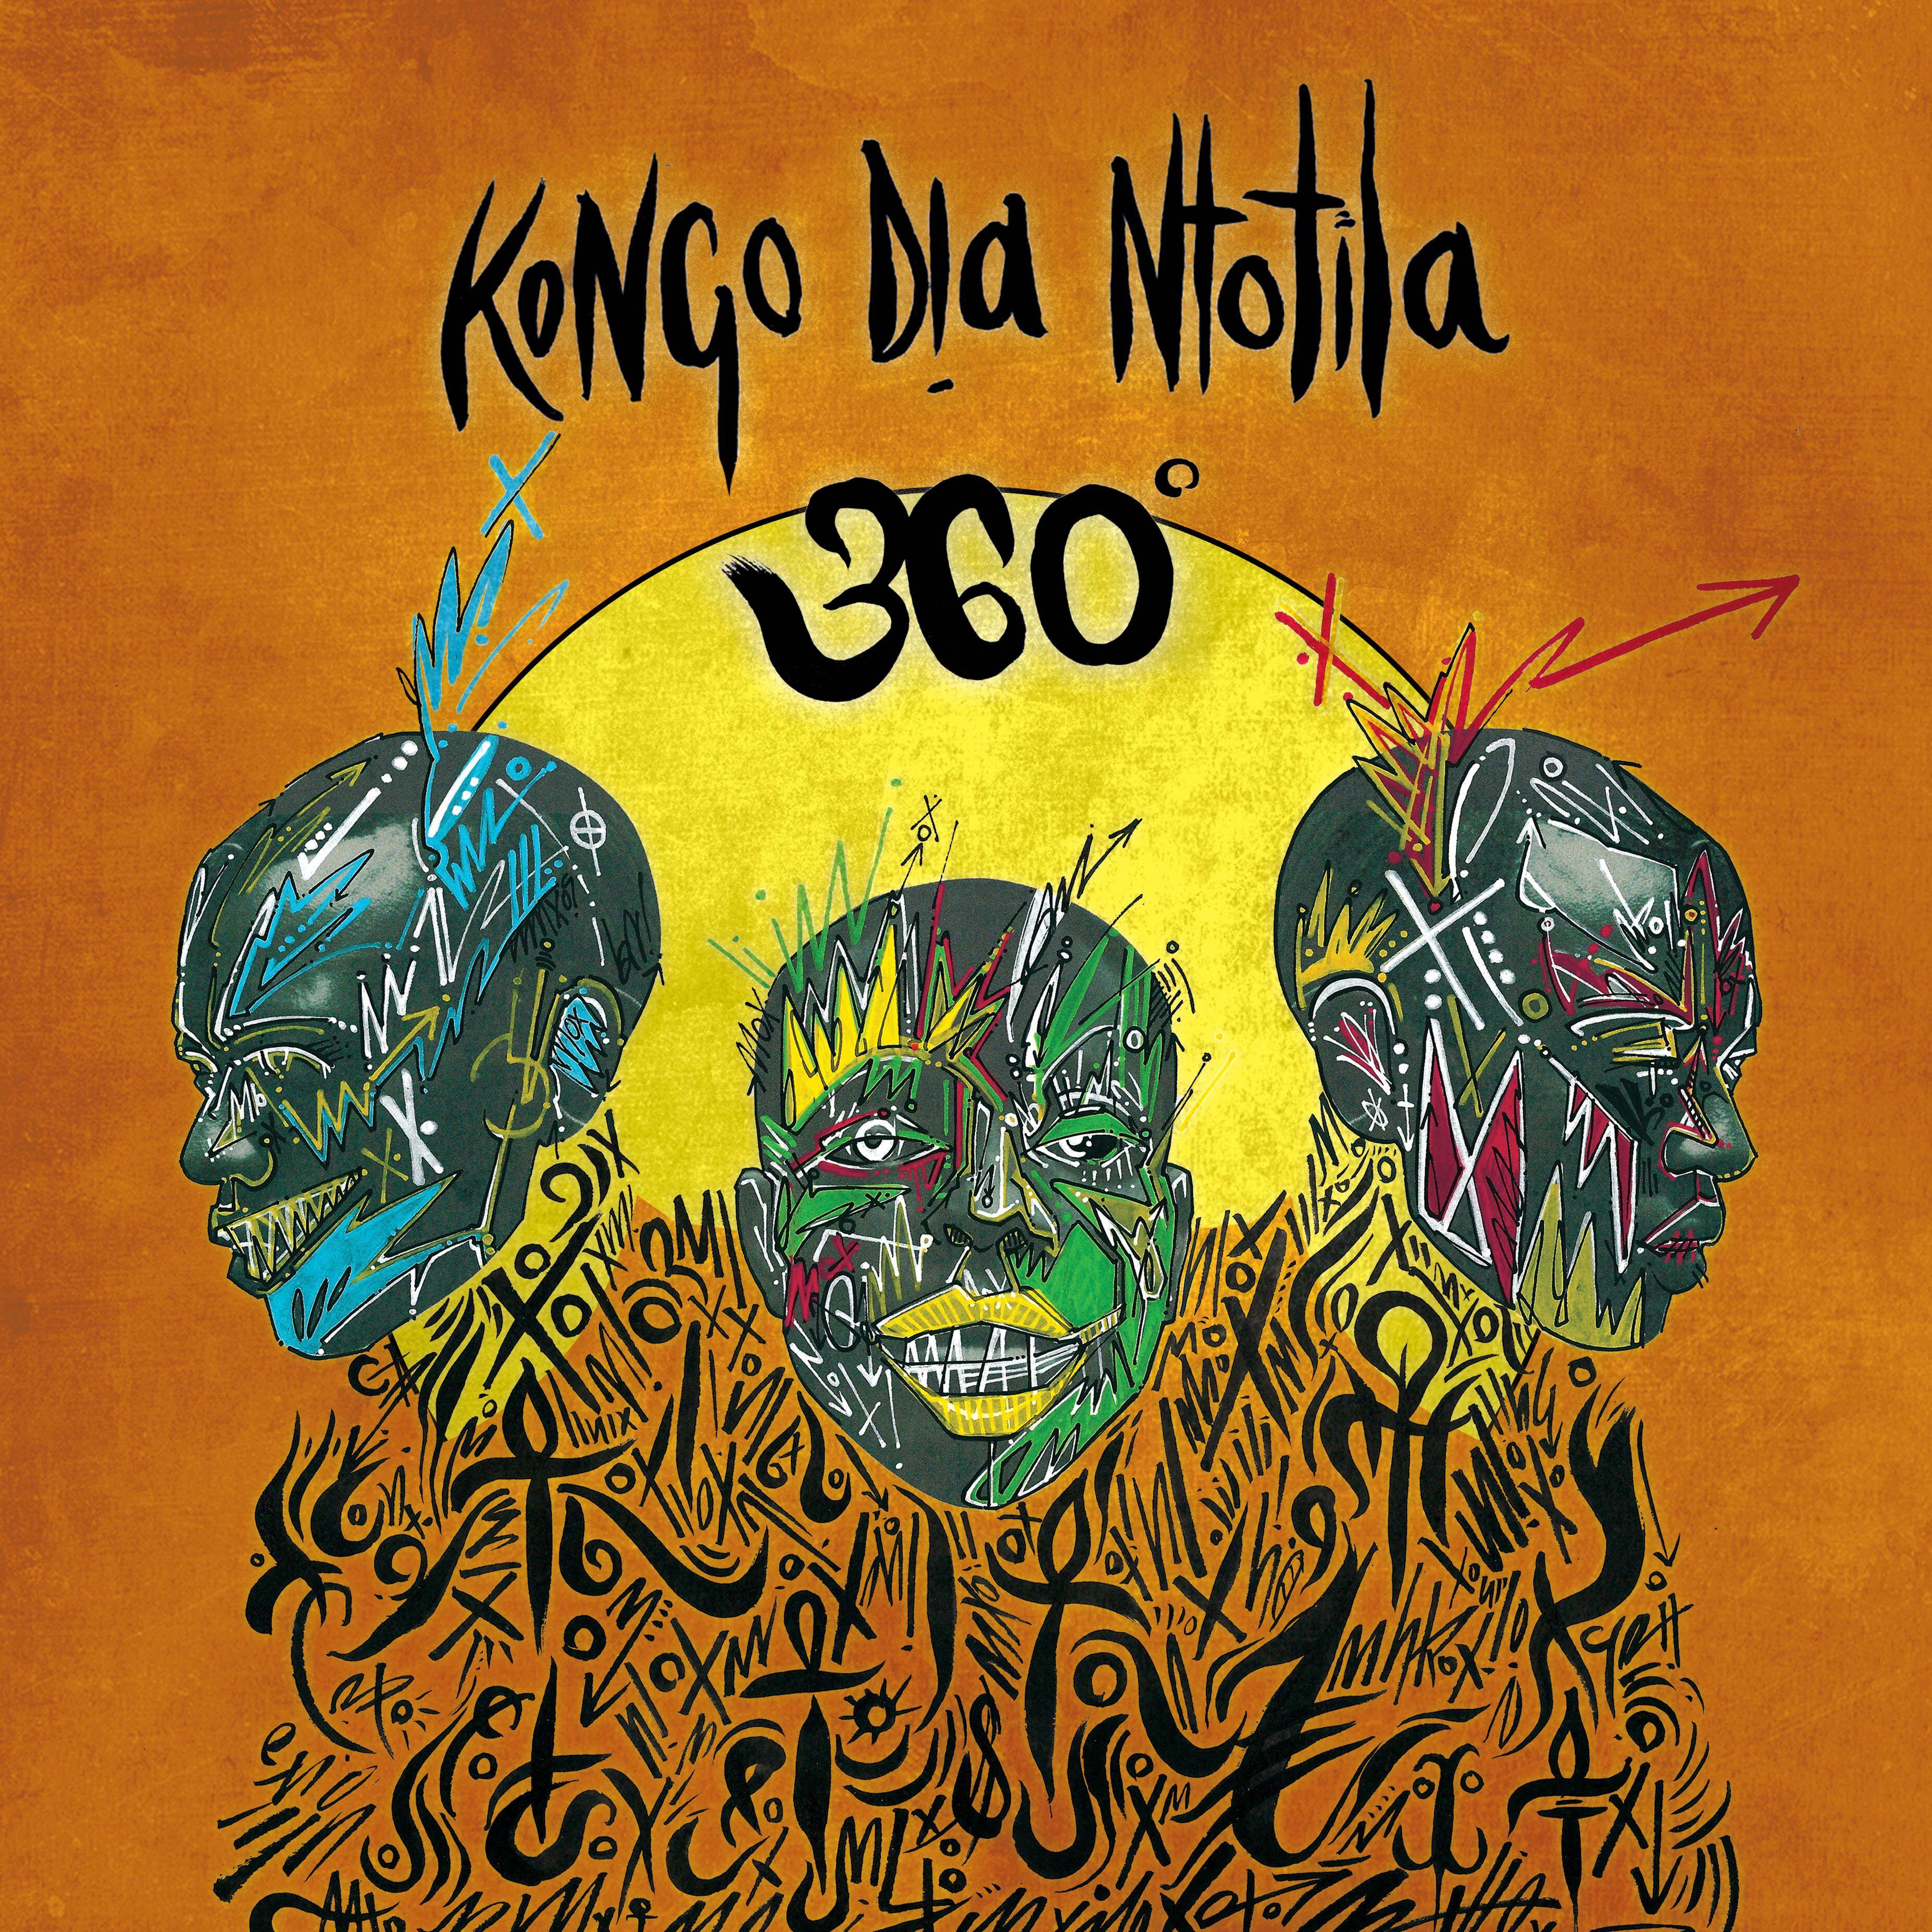 Kongo Dia Ntotila/360 DEGREES DLP